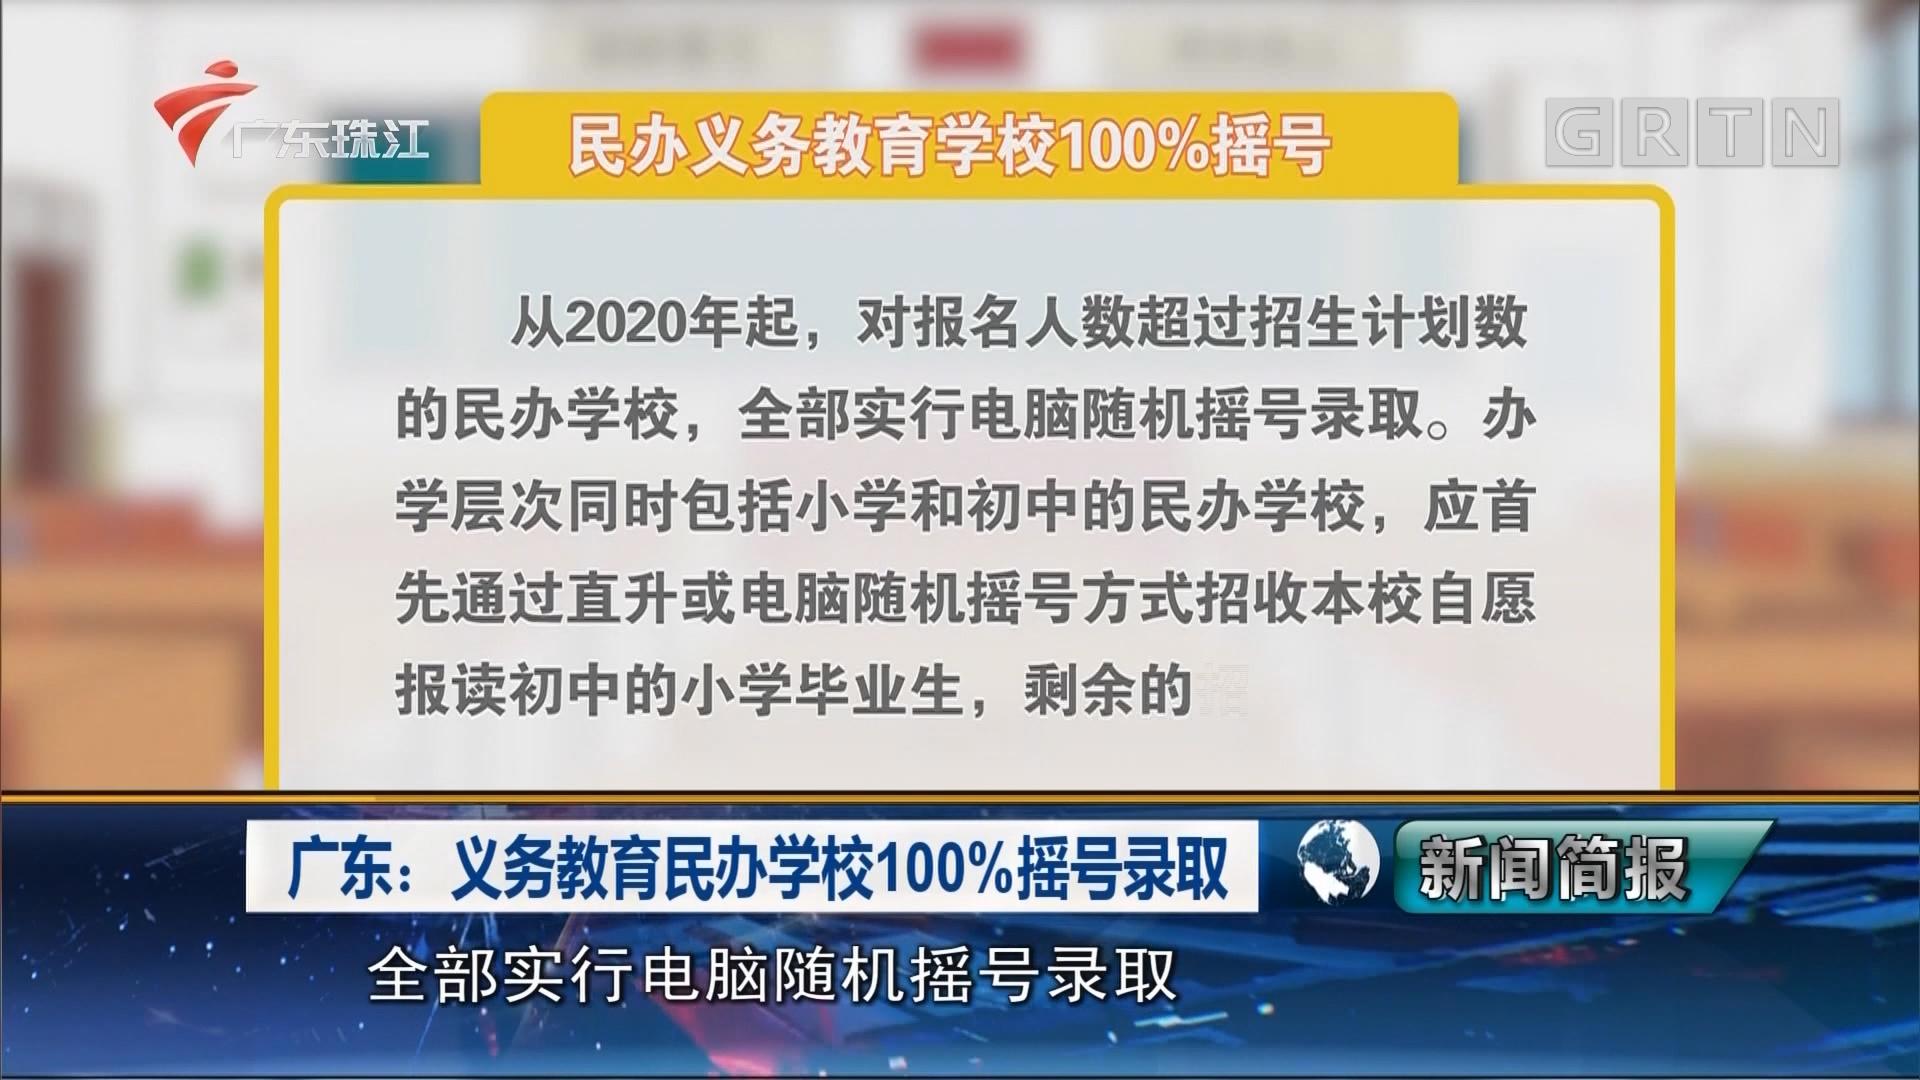 广东:义务教育民办学校100%摇号录取